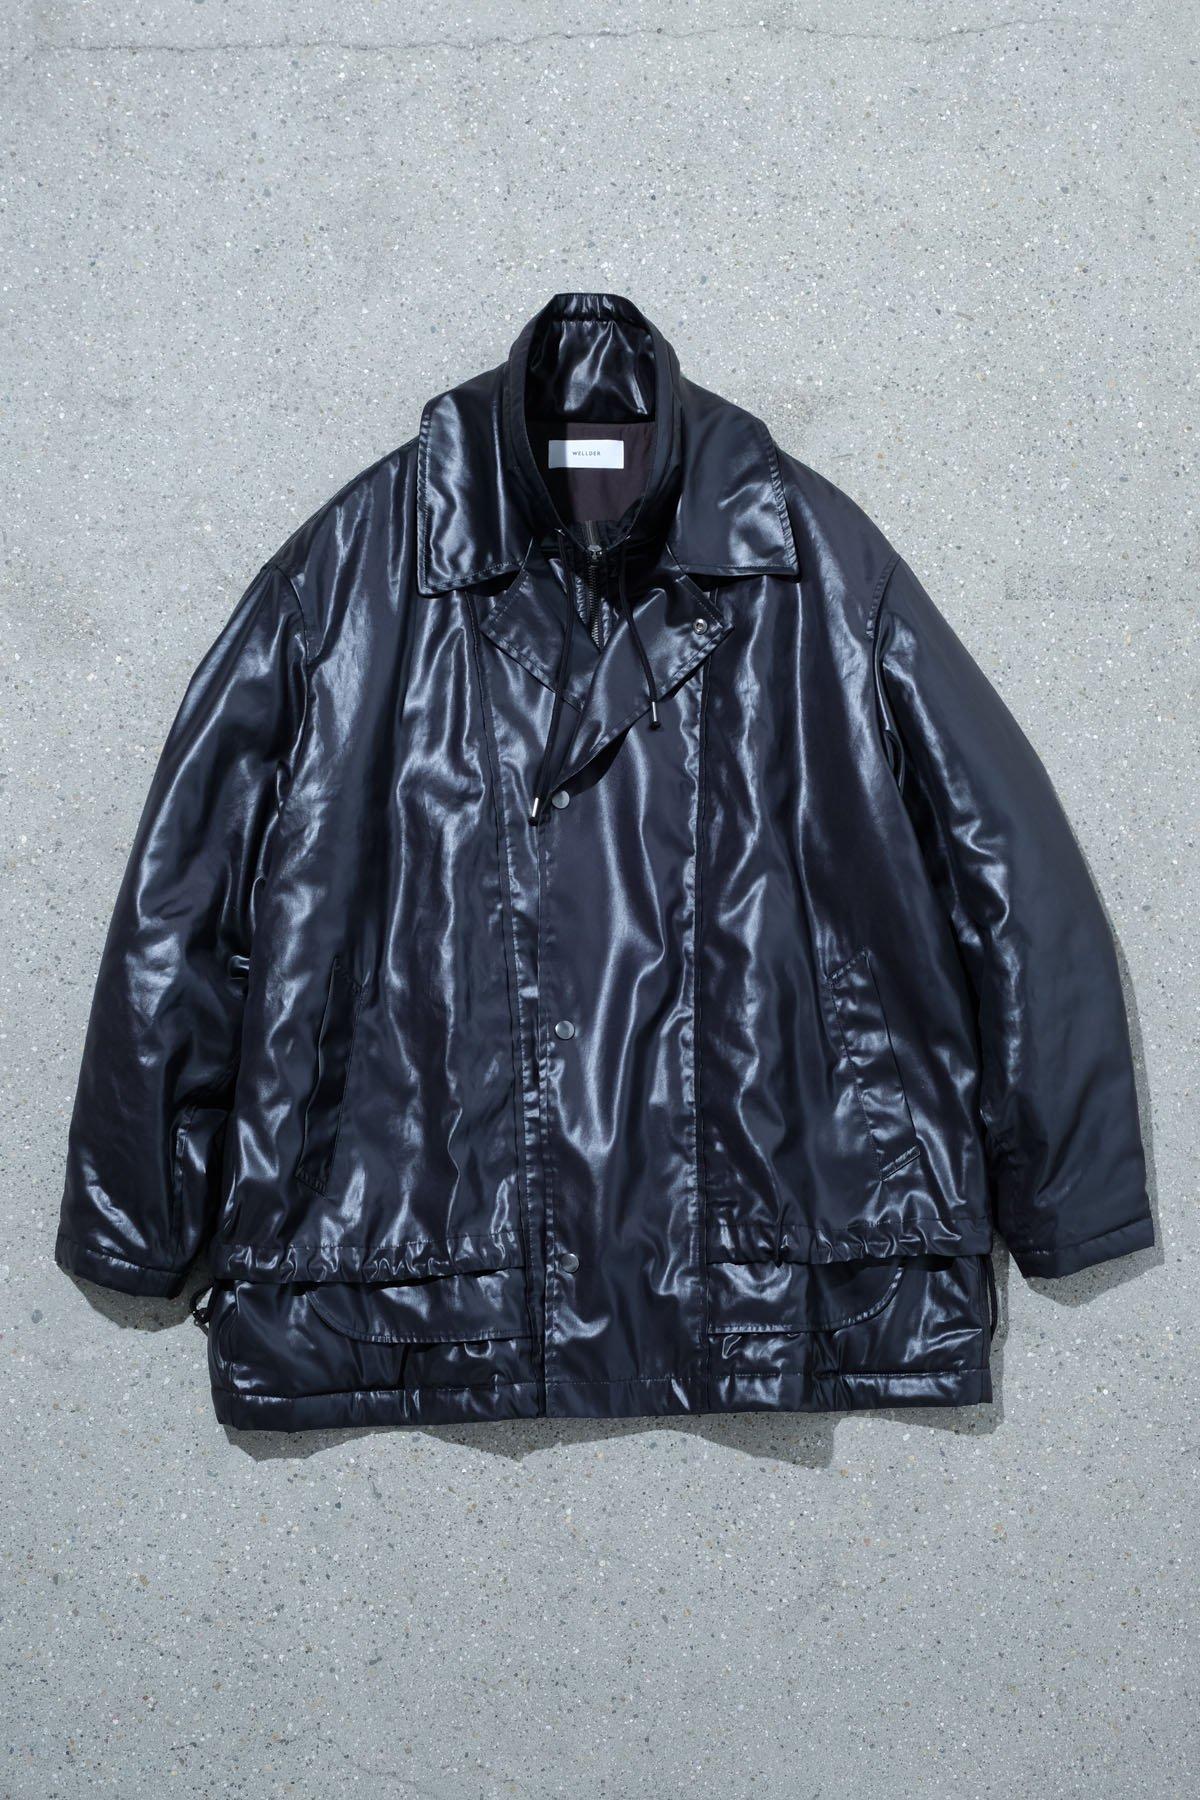 WELLDER / Layered Puffer Jacket